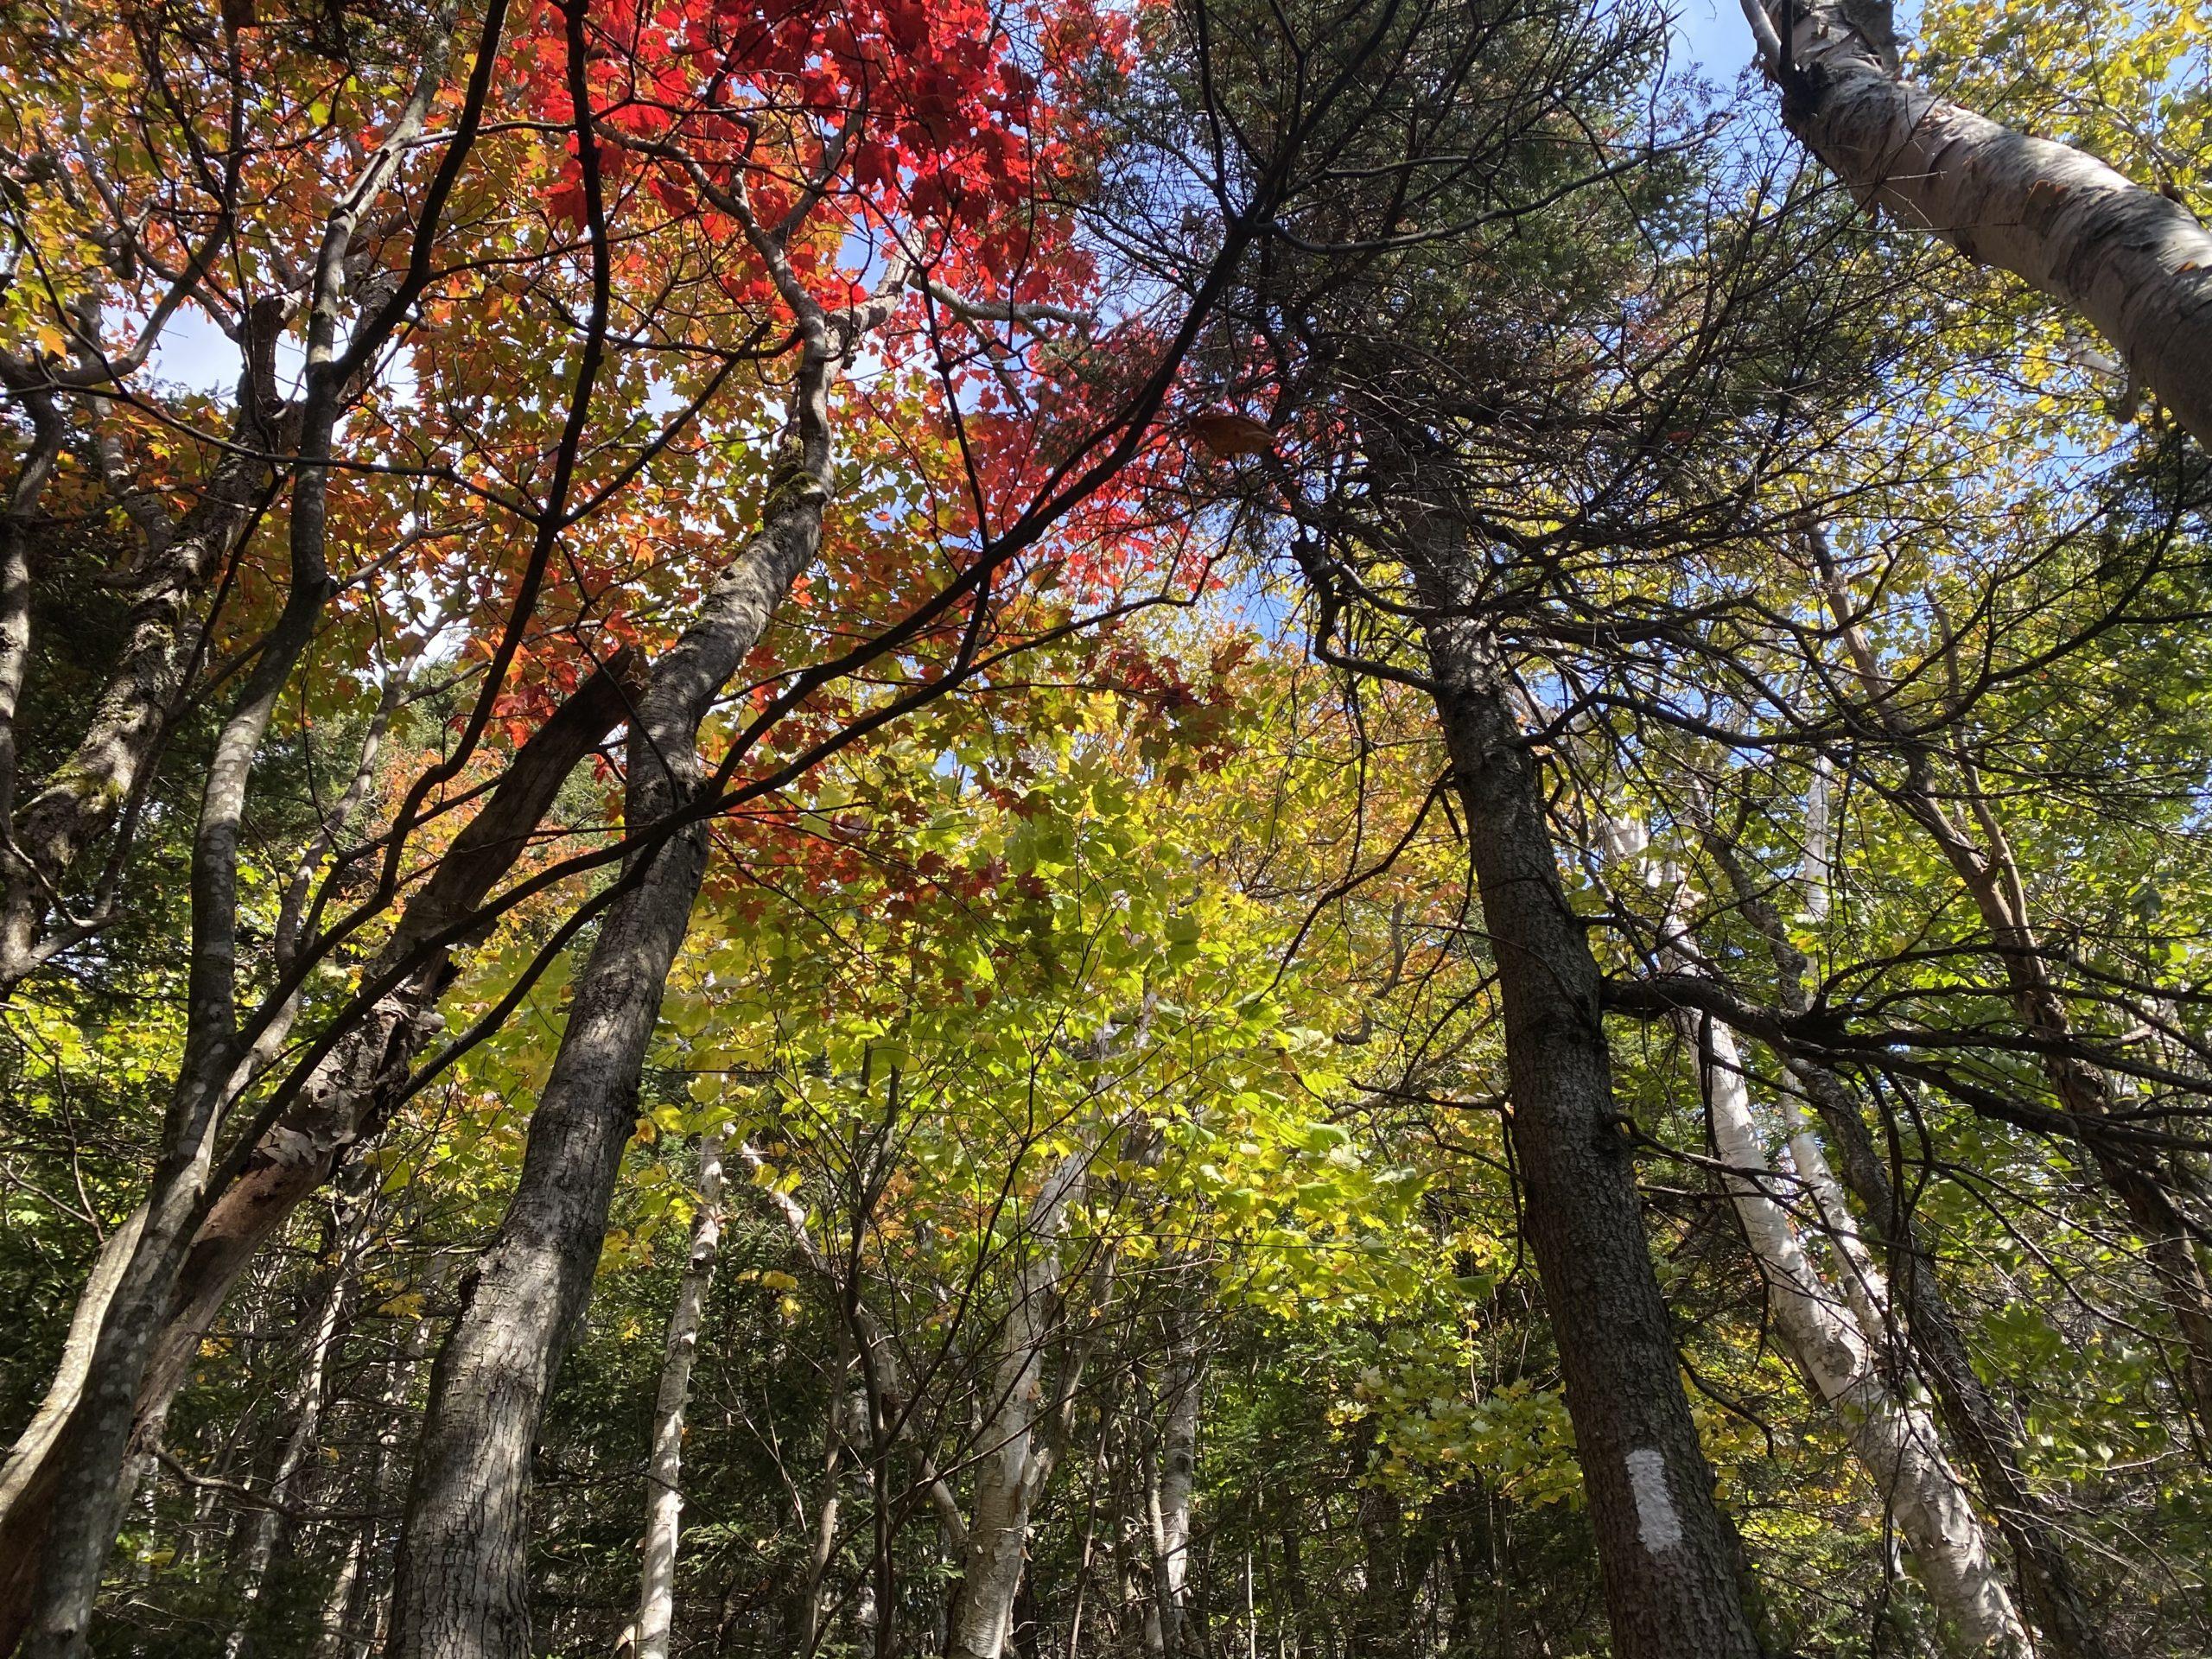 fall foliage hiking photos